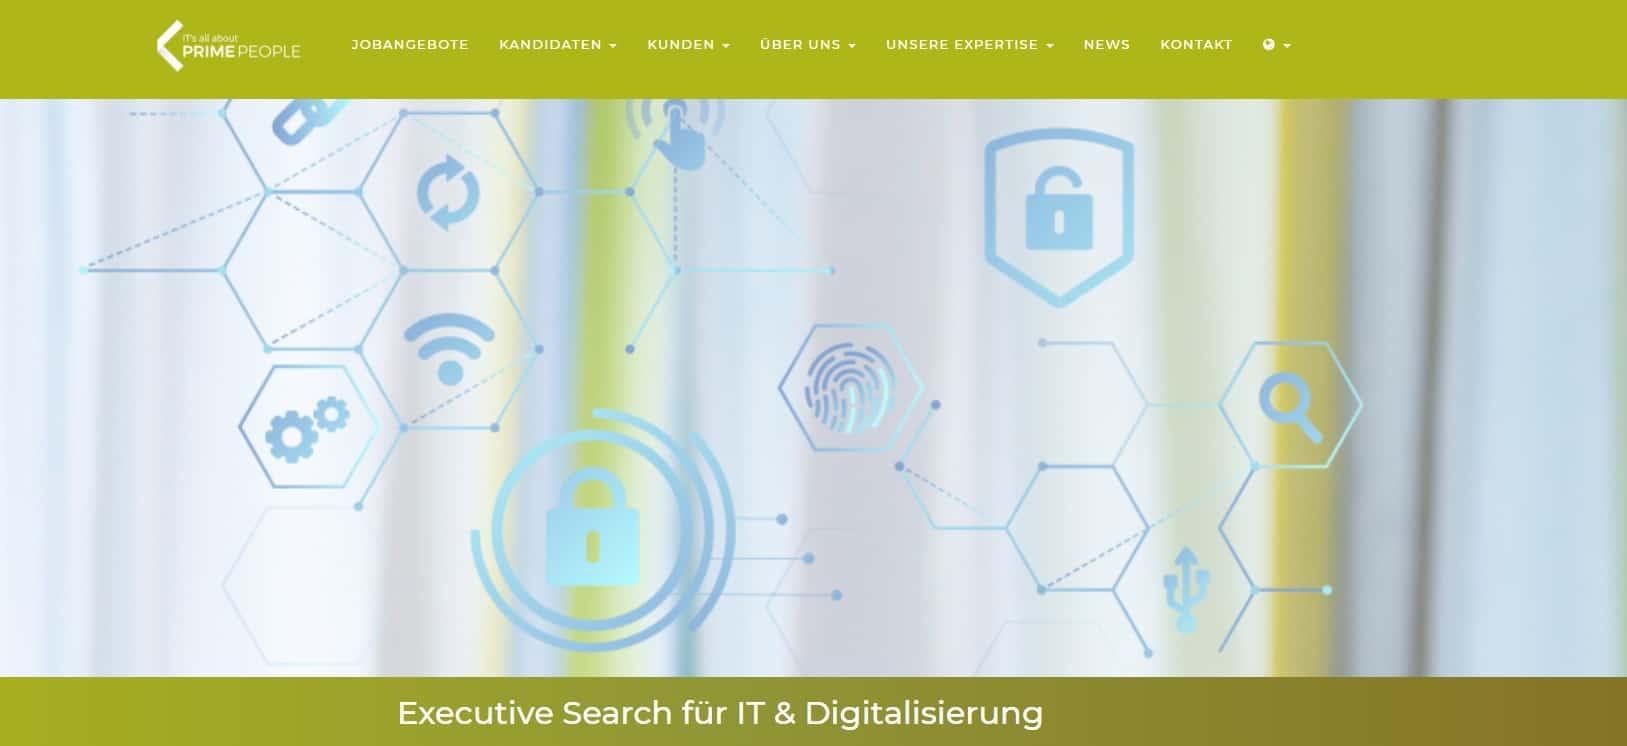 Primepeople GmbH